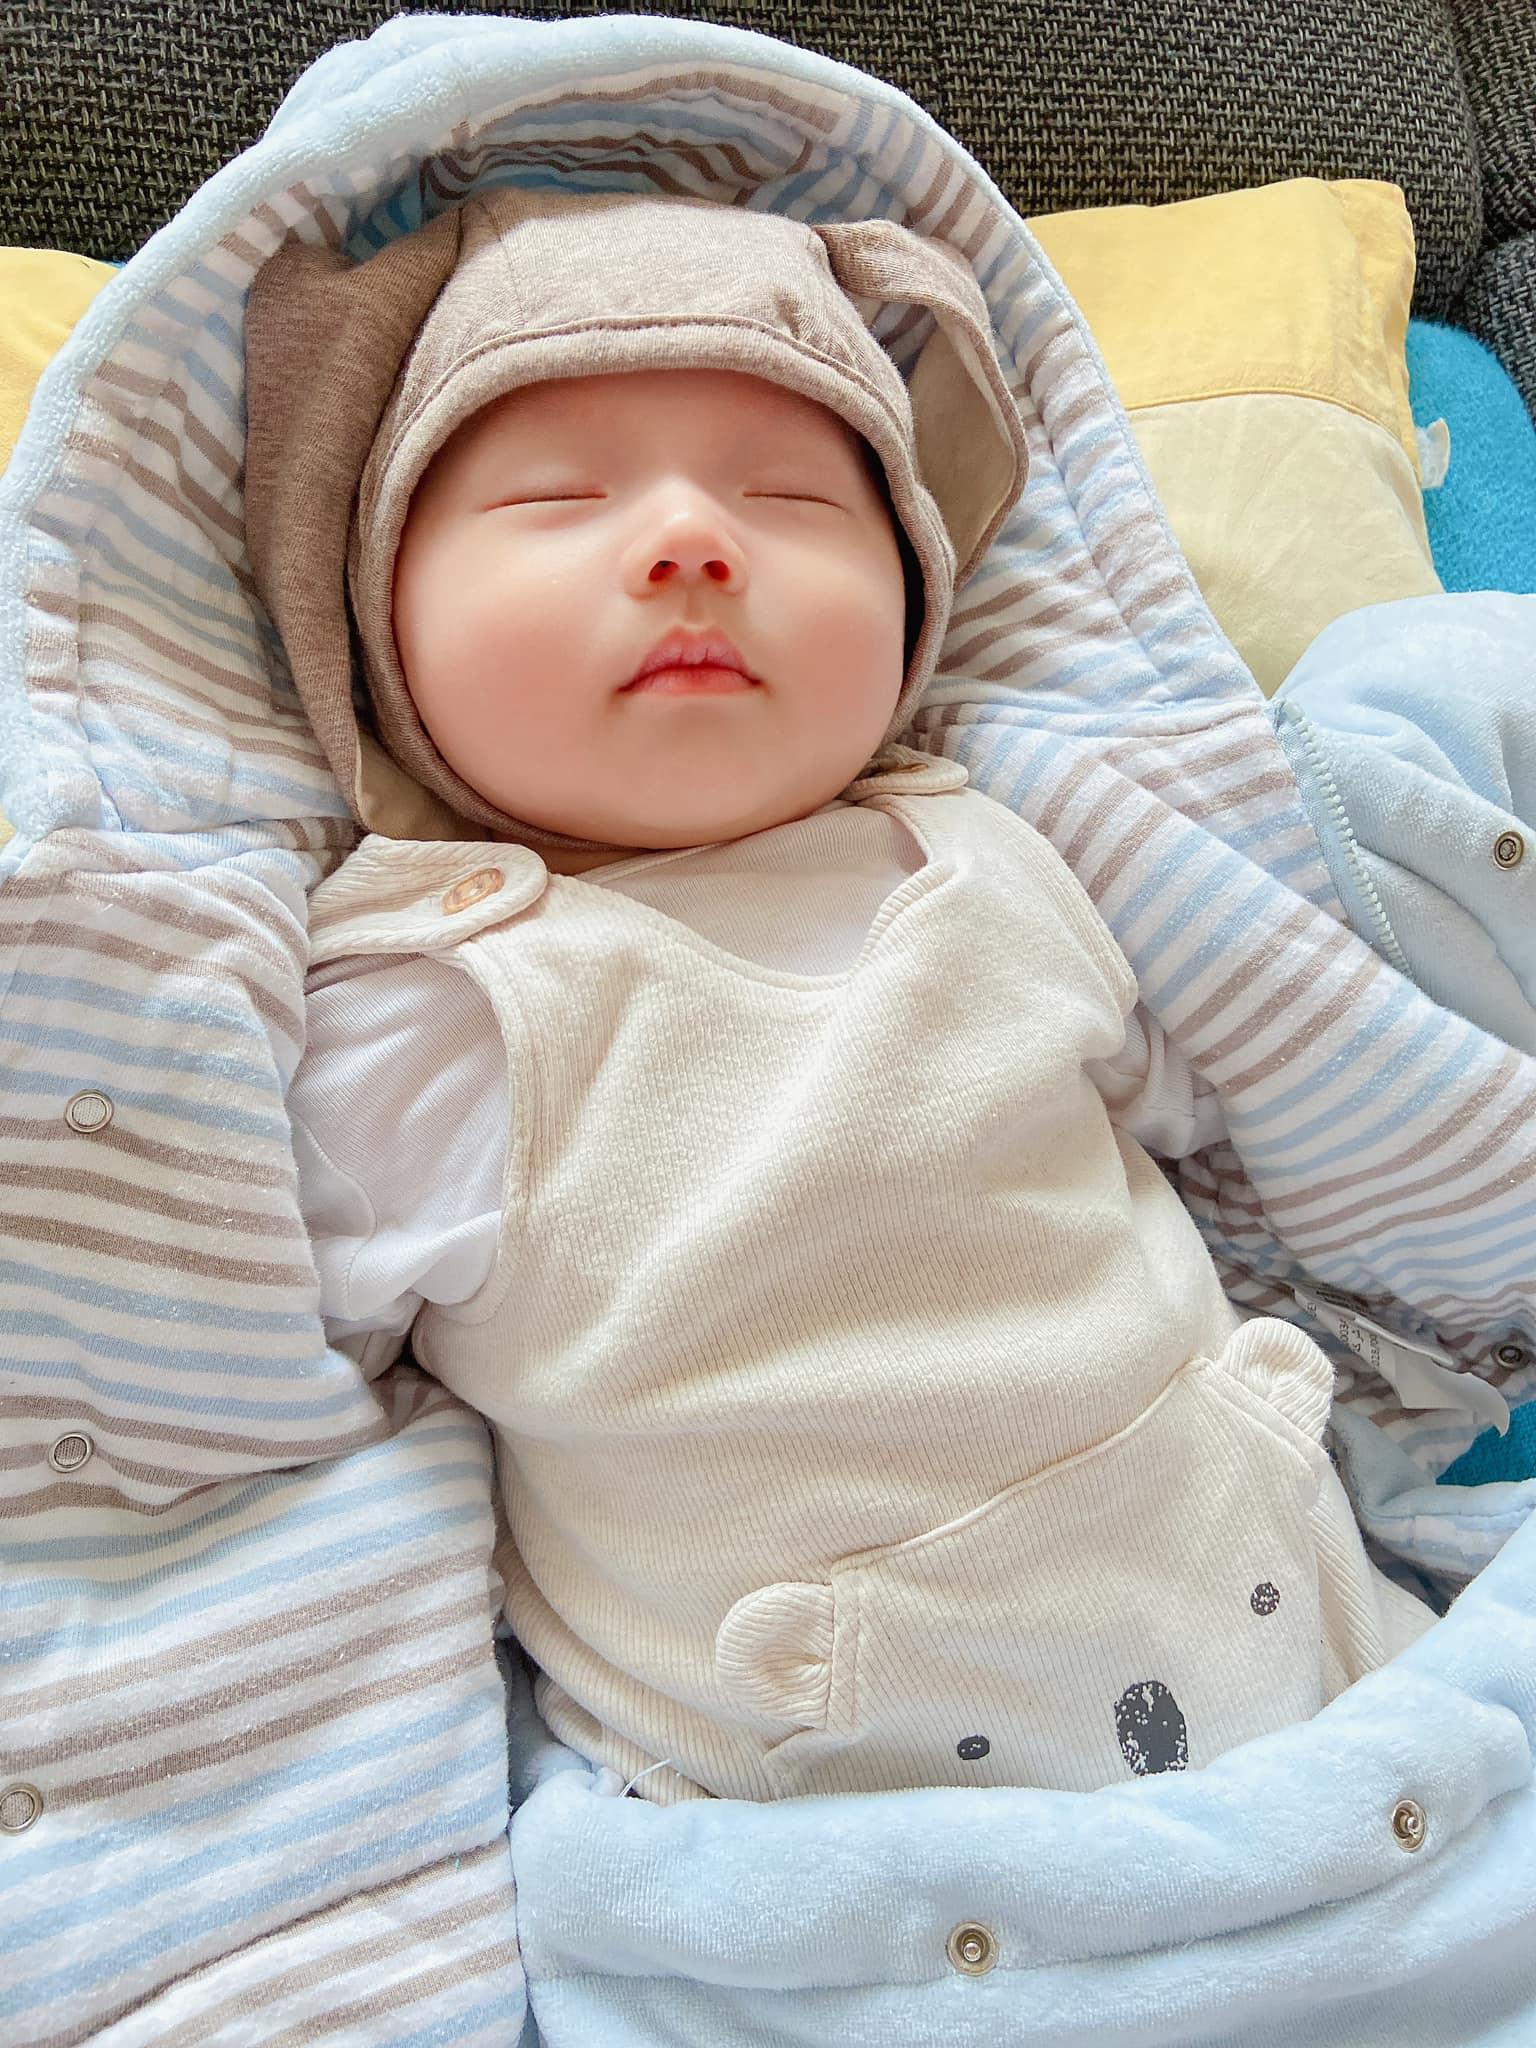 Mặt đầy mụn vì thức khuya chăm con, nhưng sau 4 tháng bà xã Mạc Hồng Quân khoe làn da đẹp không tì vết, tiết lộ bí quyết chăm bé thứ 2 bụ bẫm như búp bê-9